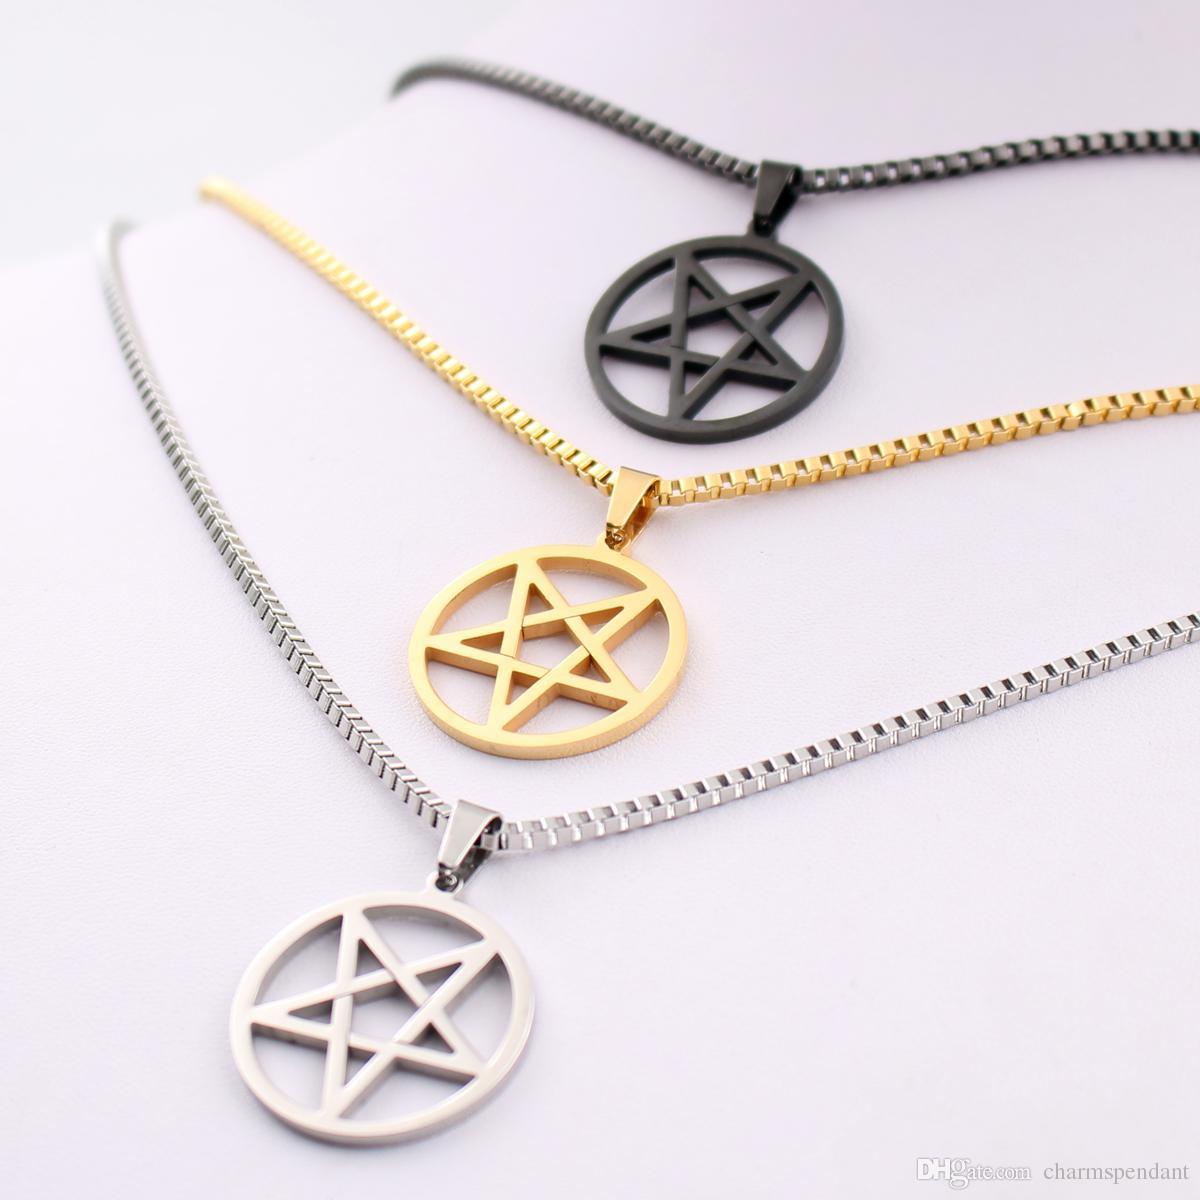 simbolo satanico pentagramma Satana culto Collana pendente Wicca Pentacle in acciaio inossidabile Argento oro nero 2.4mm Catena da 24 pollici per uomo